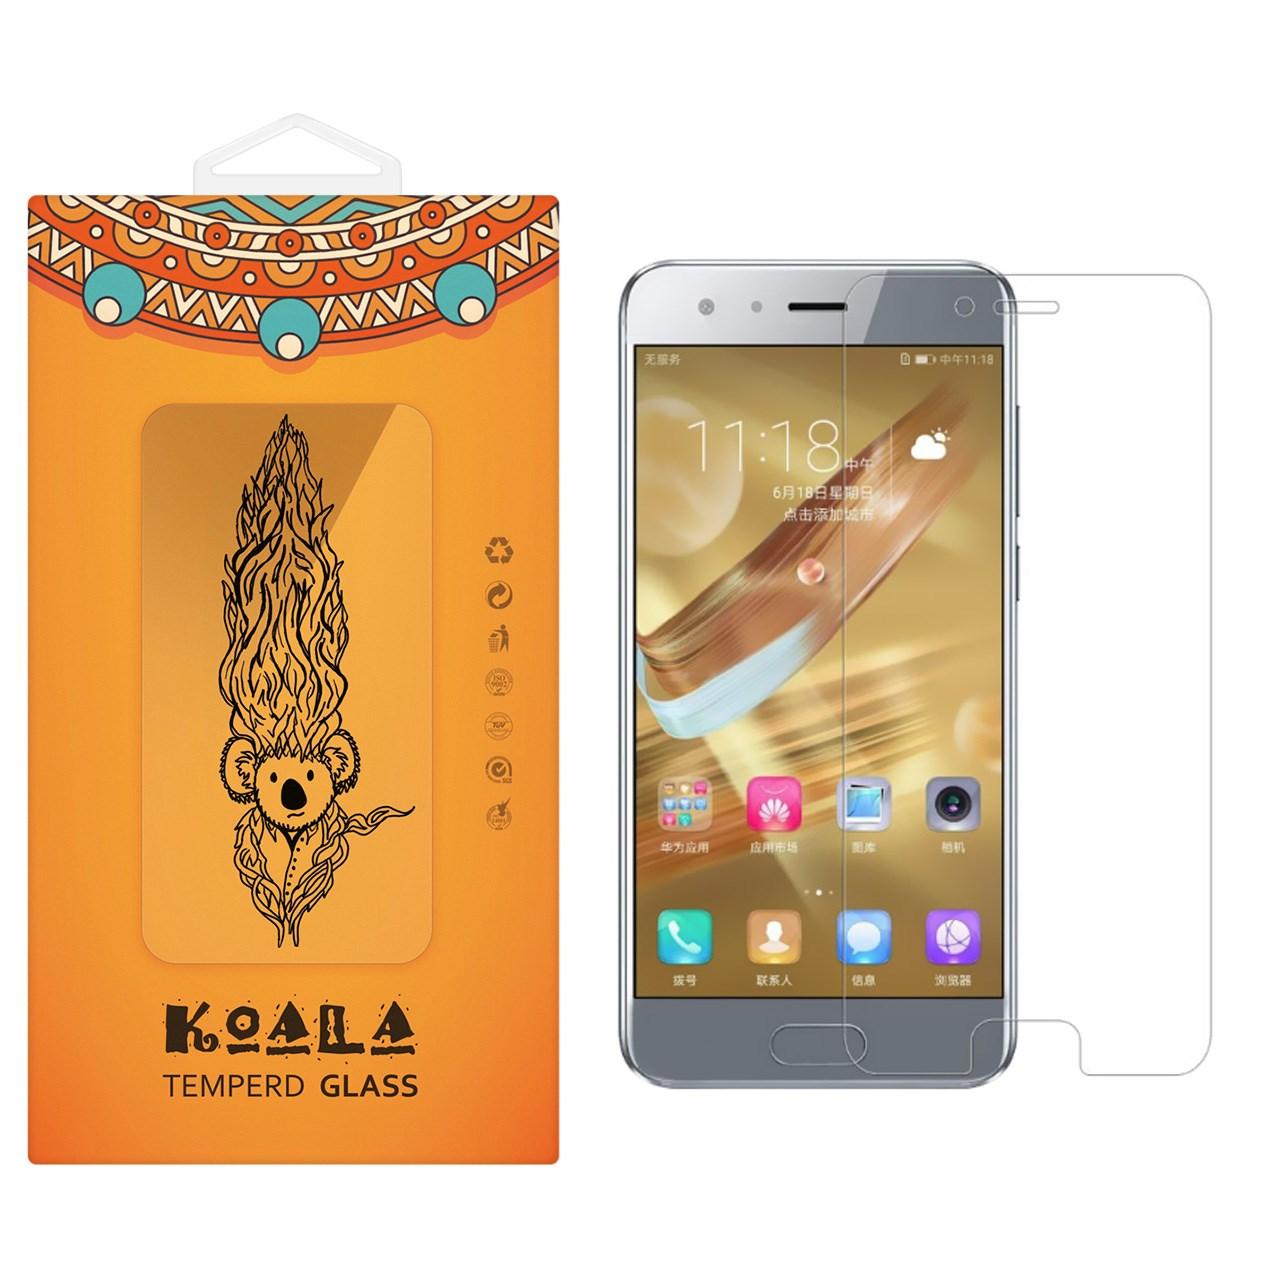 محافظ صفحه نمایش شیشه ای کوالا مدل Tempered مناسب برای گوشی موبایل هوآوی honor 9